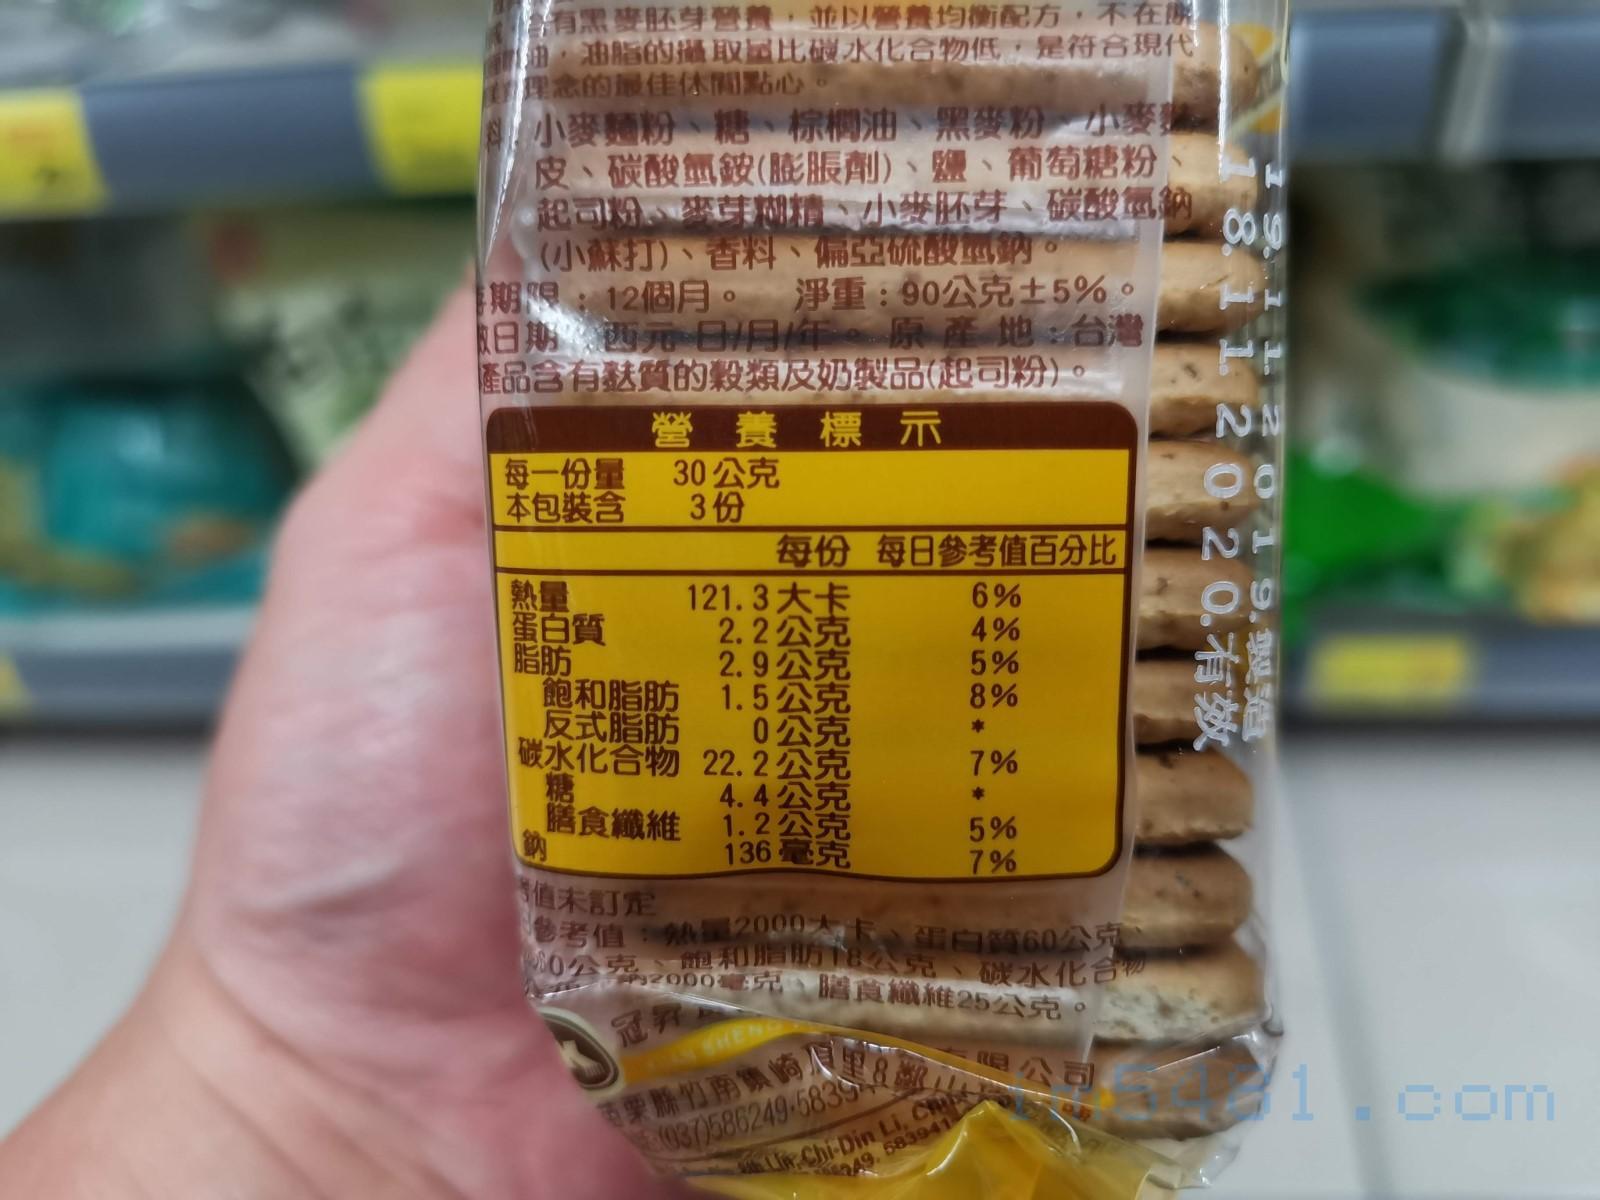 冠昇高纖黑麥口糧-營養標示